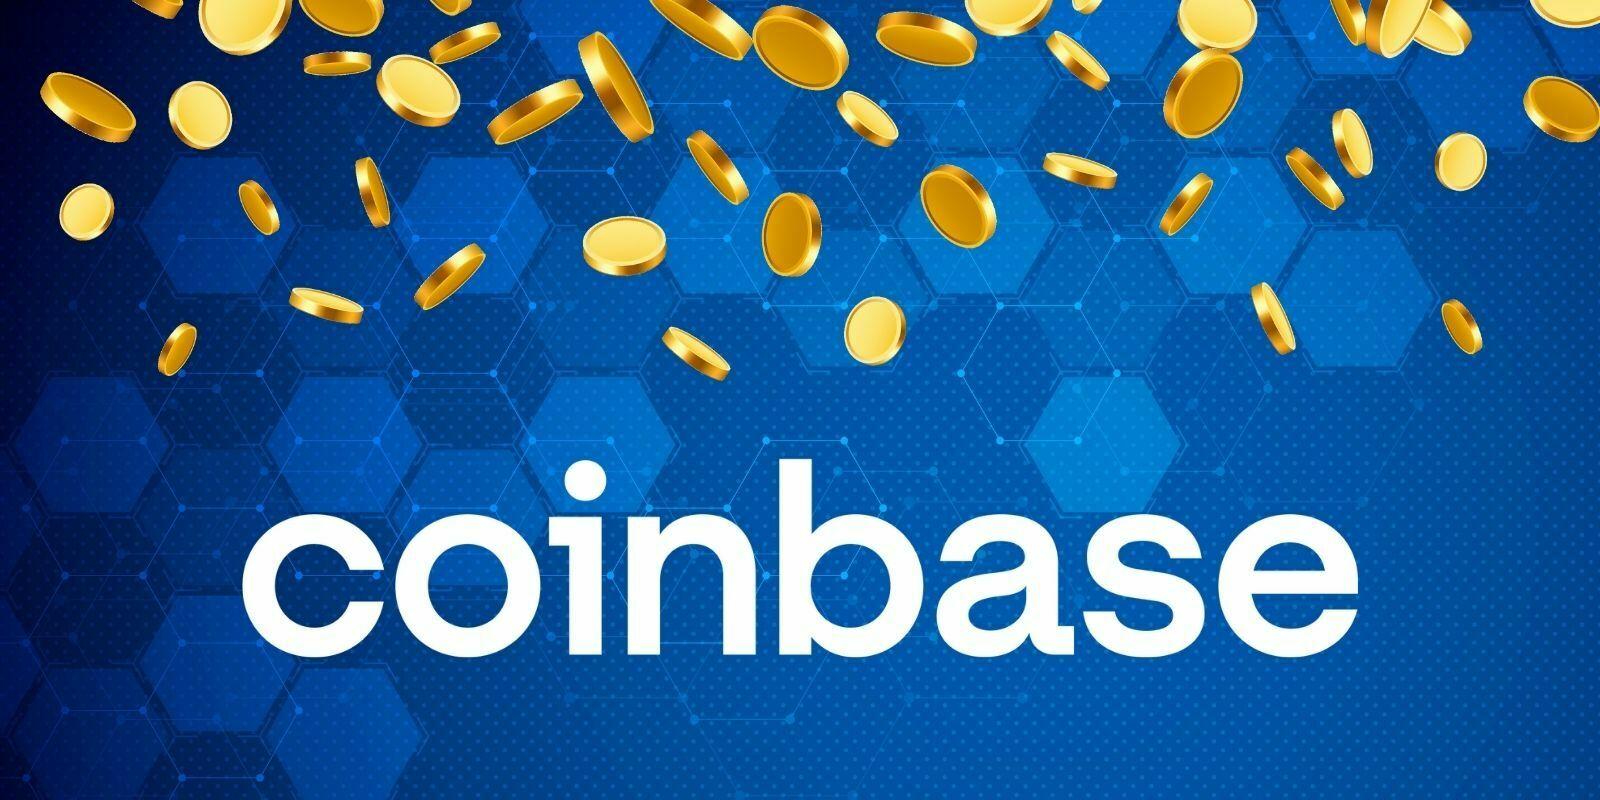 Brian Armstrong confirme que Coinbase souhaite lister toutes les cryptomonnaies